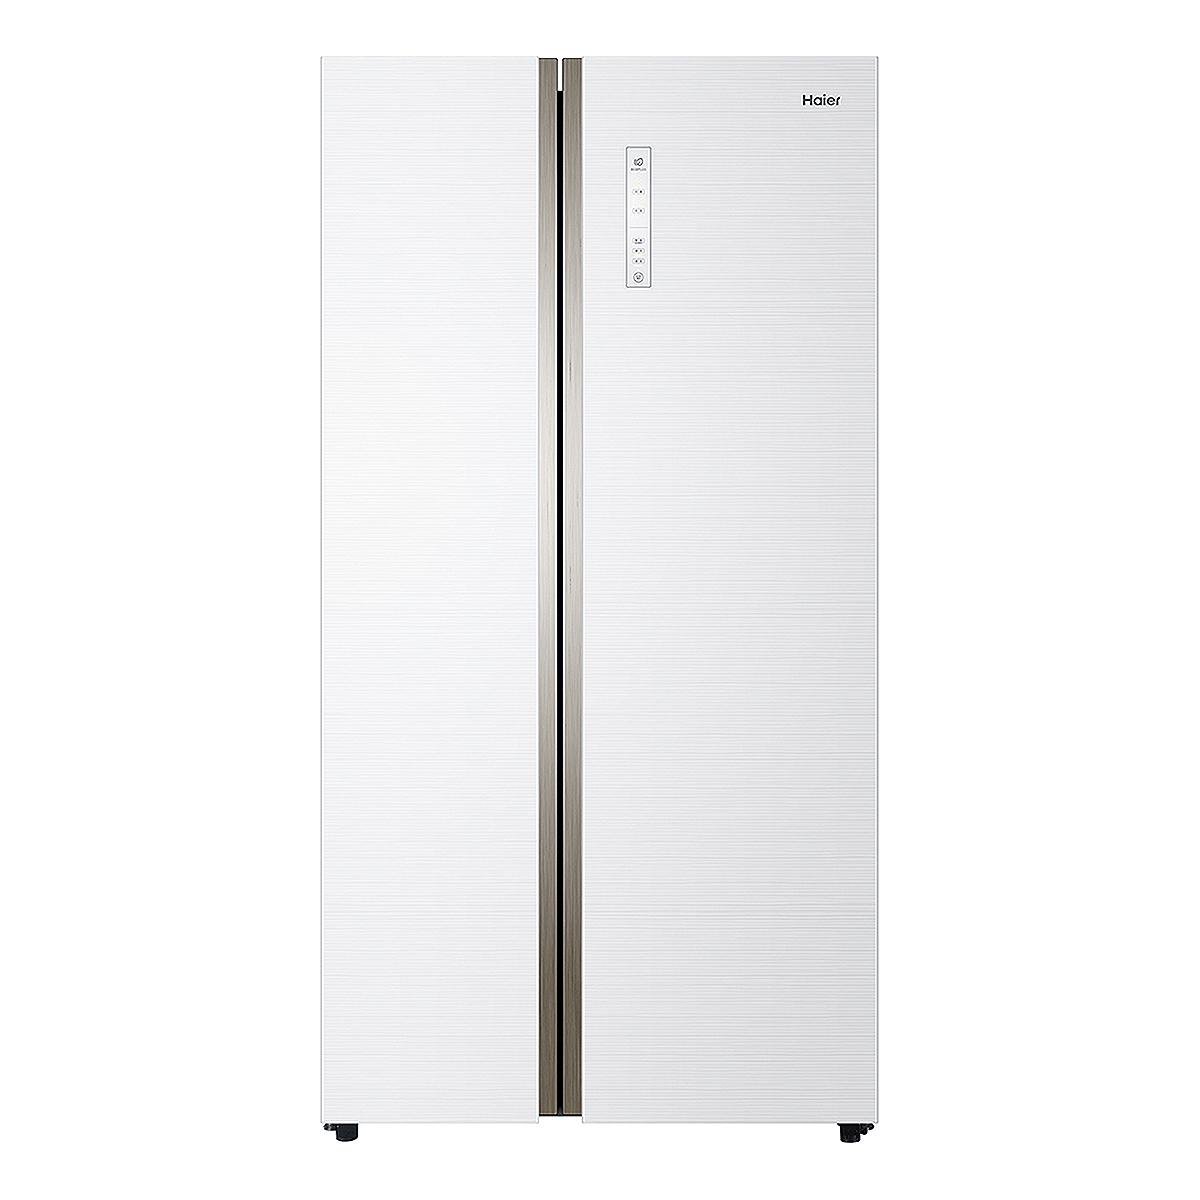 海尔Haier冰箱 BCD-518WDGH 说明书